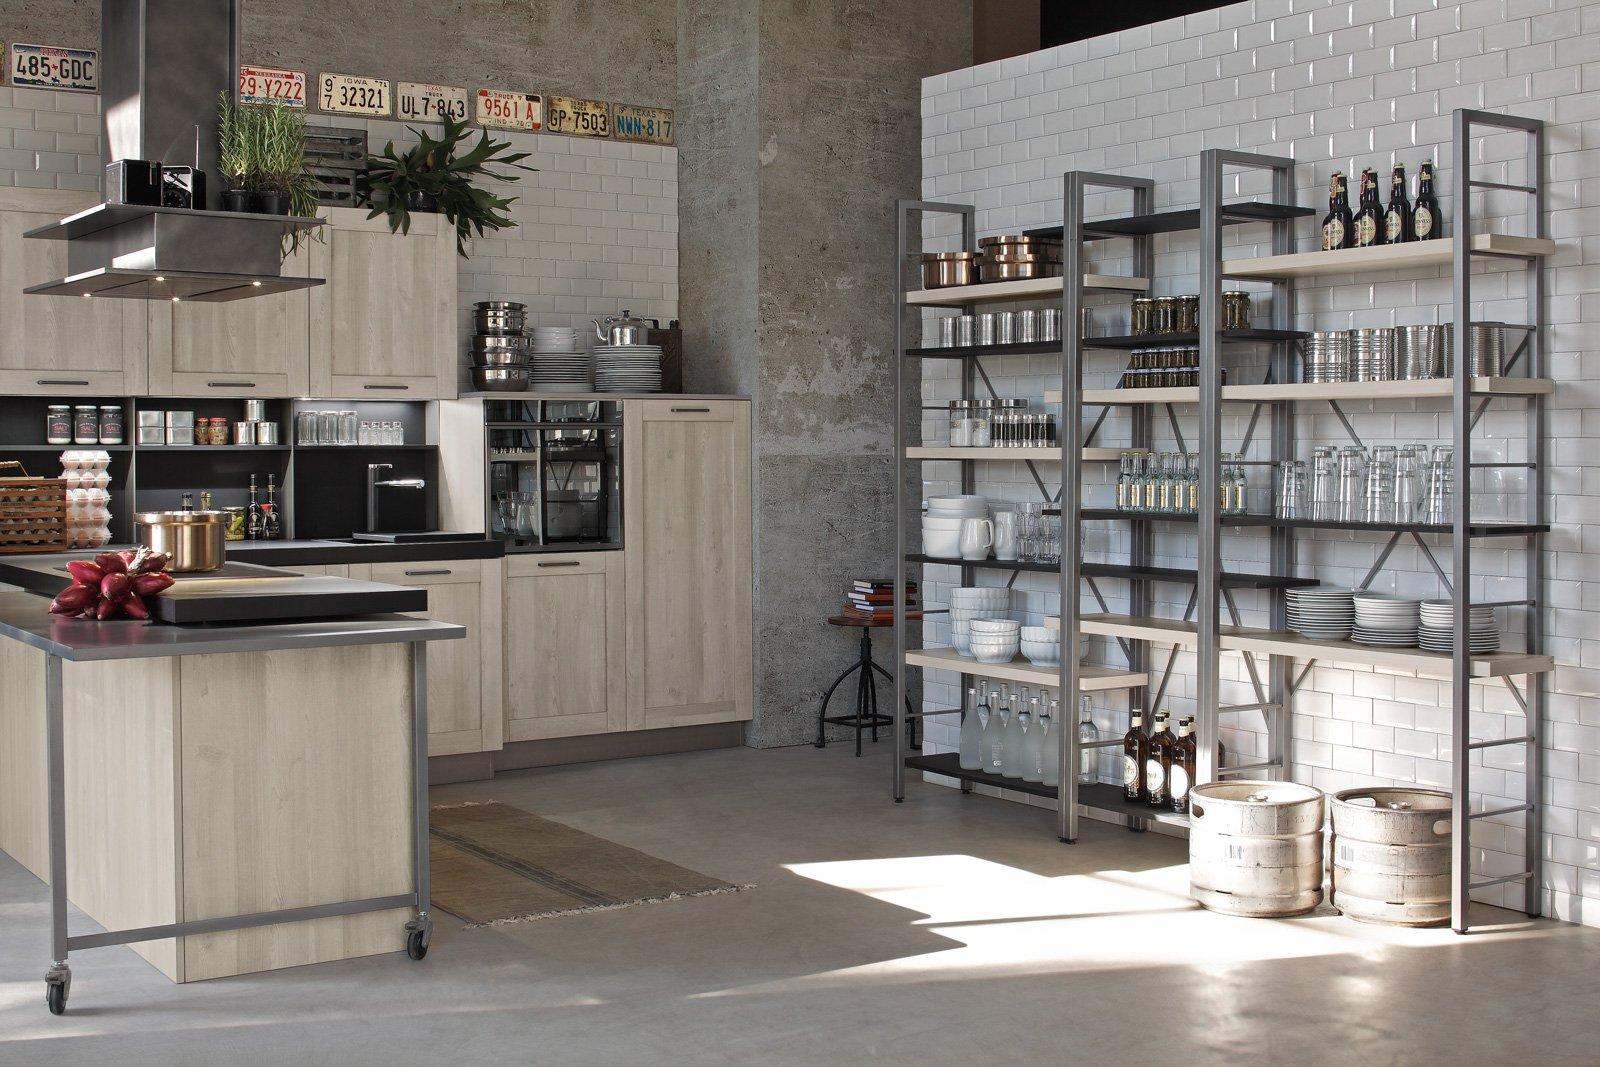 Cucine in stile industriale materiche e vissute  Cose di Casa